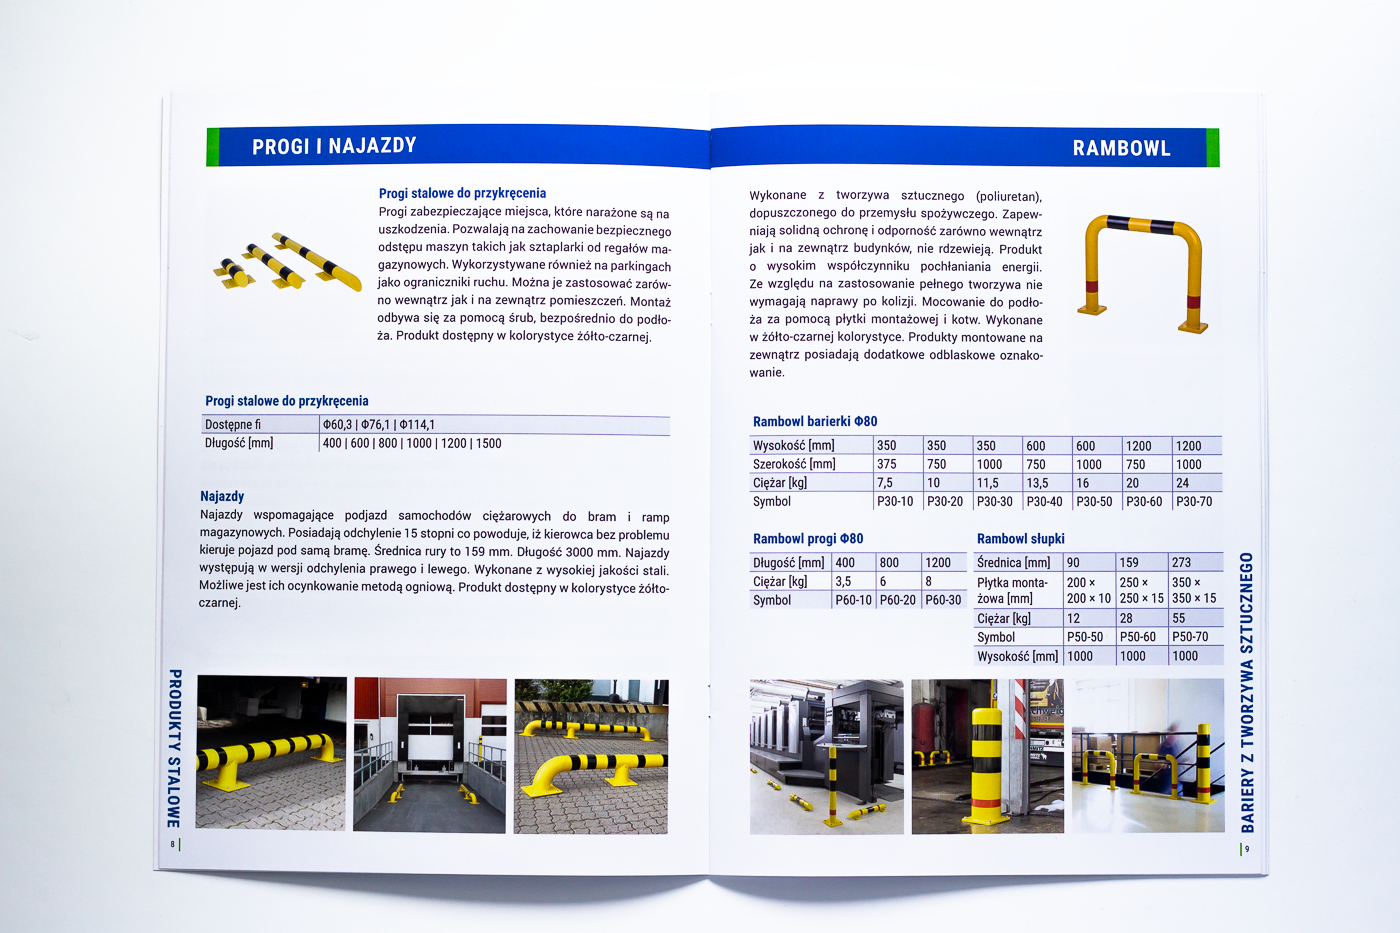 katalog produktowy rozkladówka